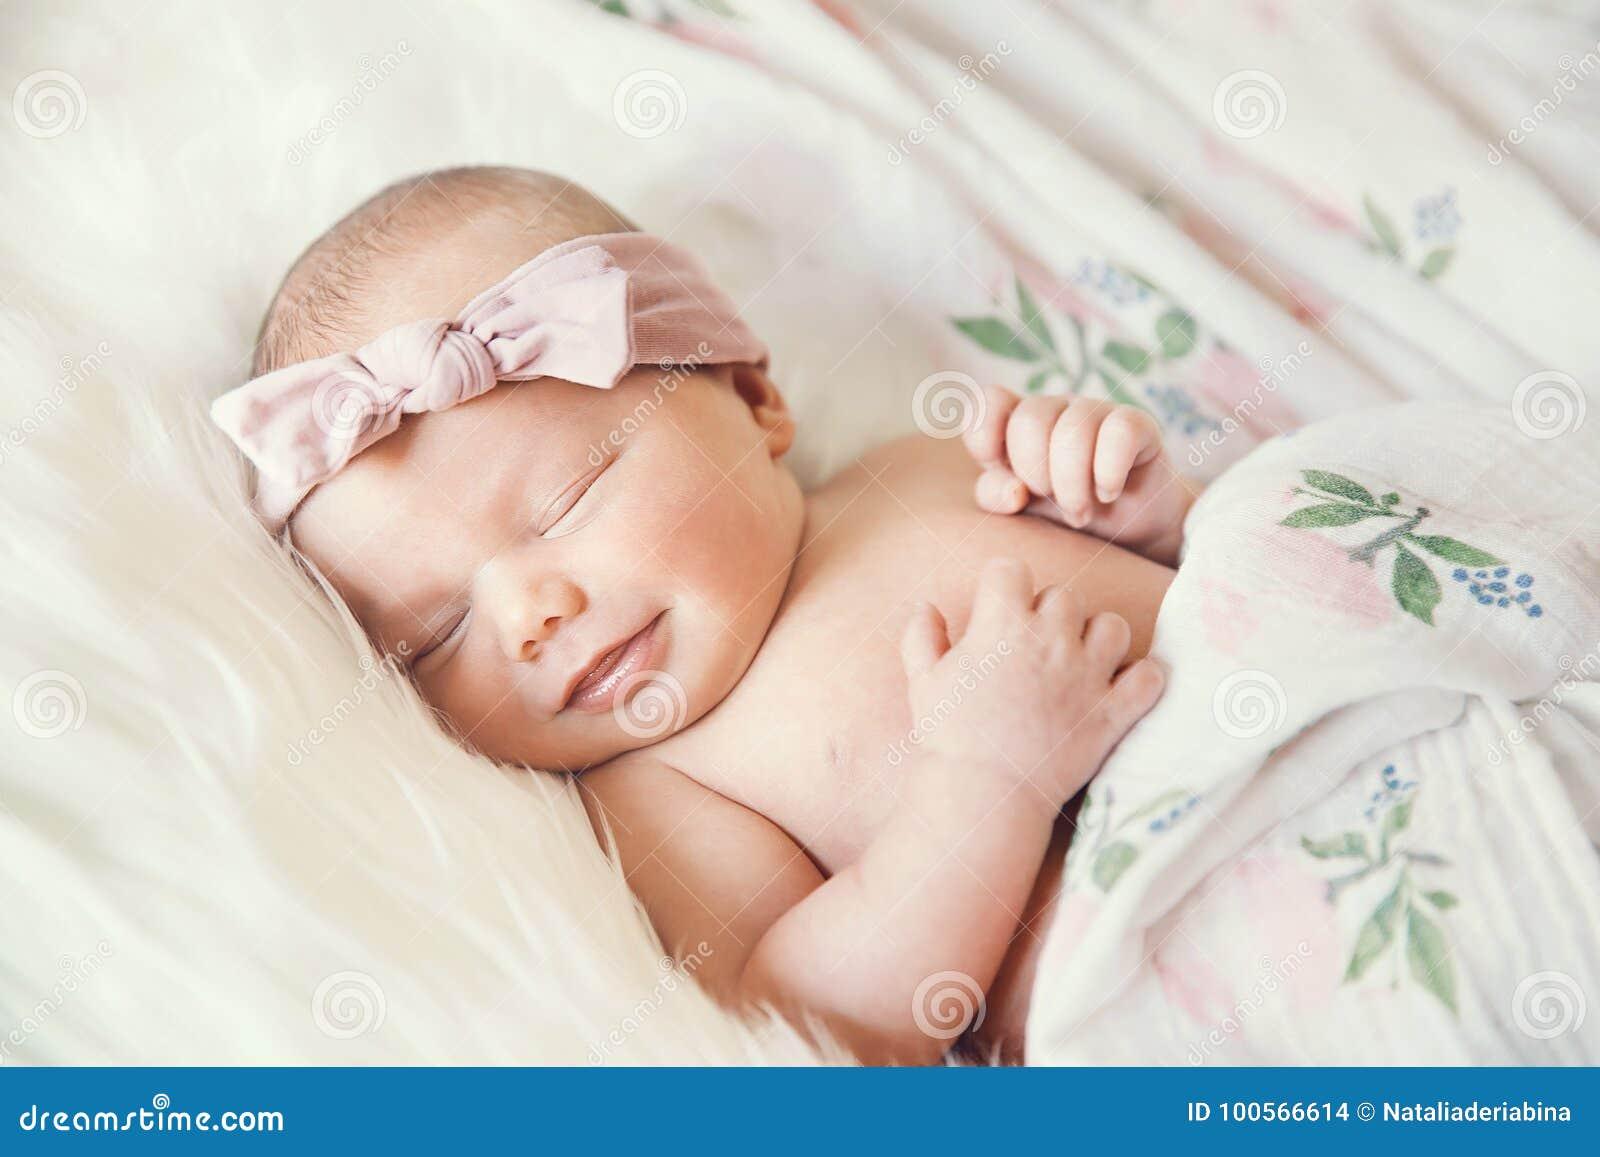 Bébé nouveau-né de sourire de sommeil dans une enveloppe sur la couverture blanche